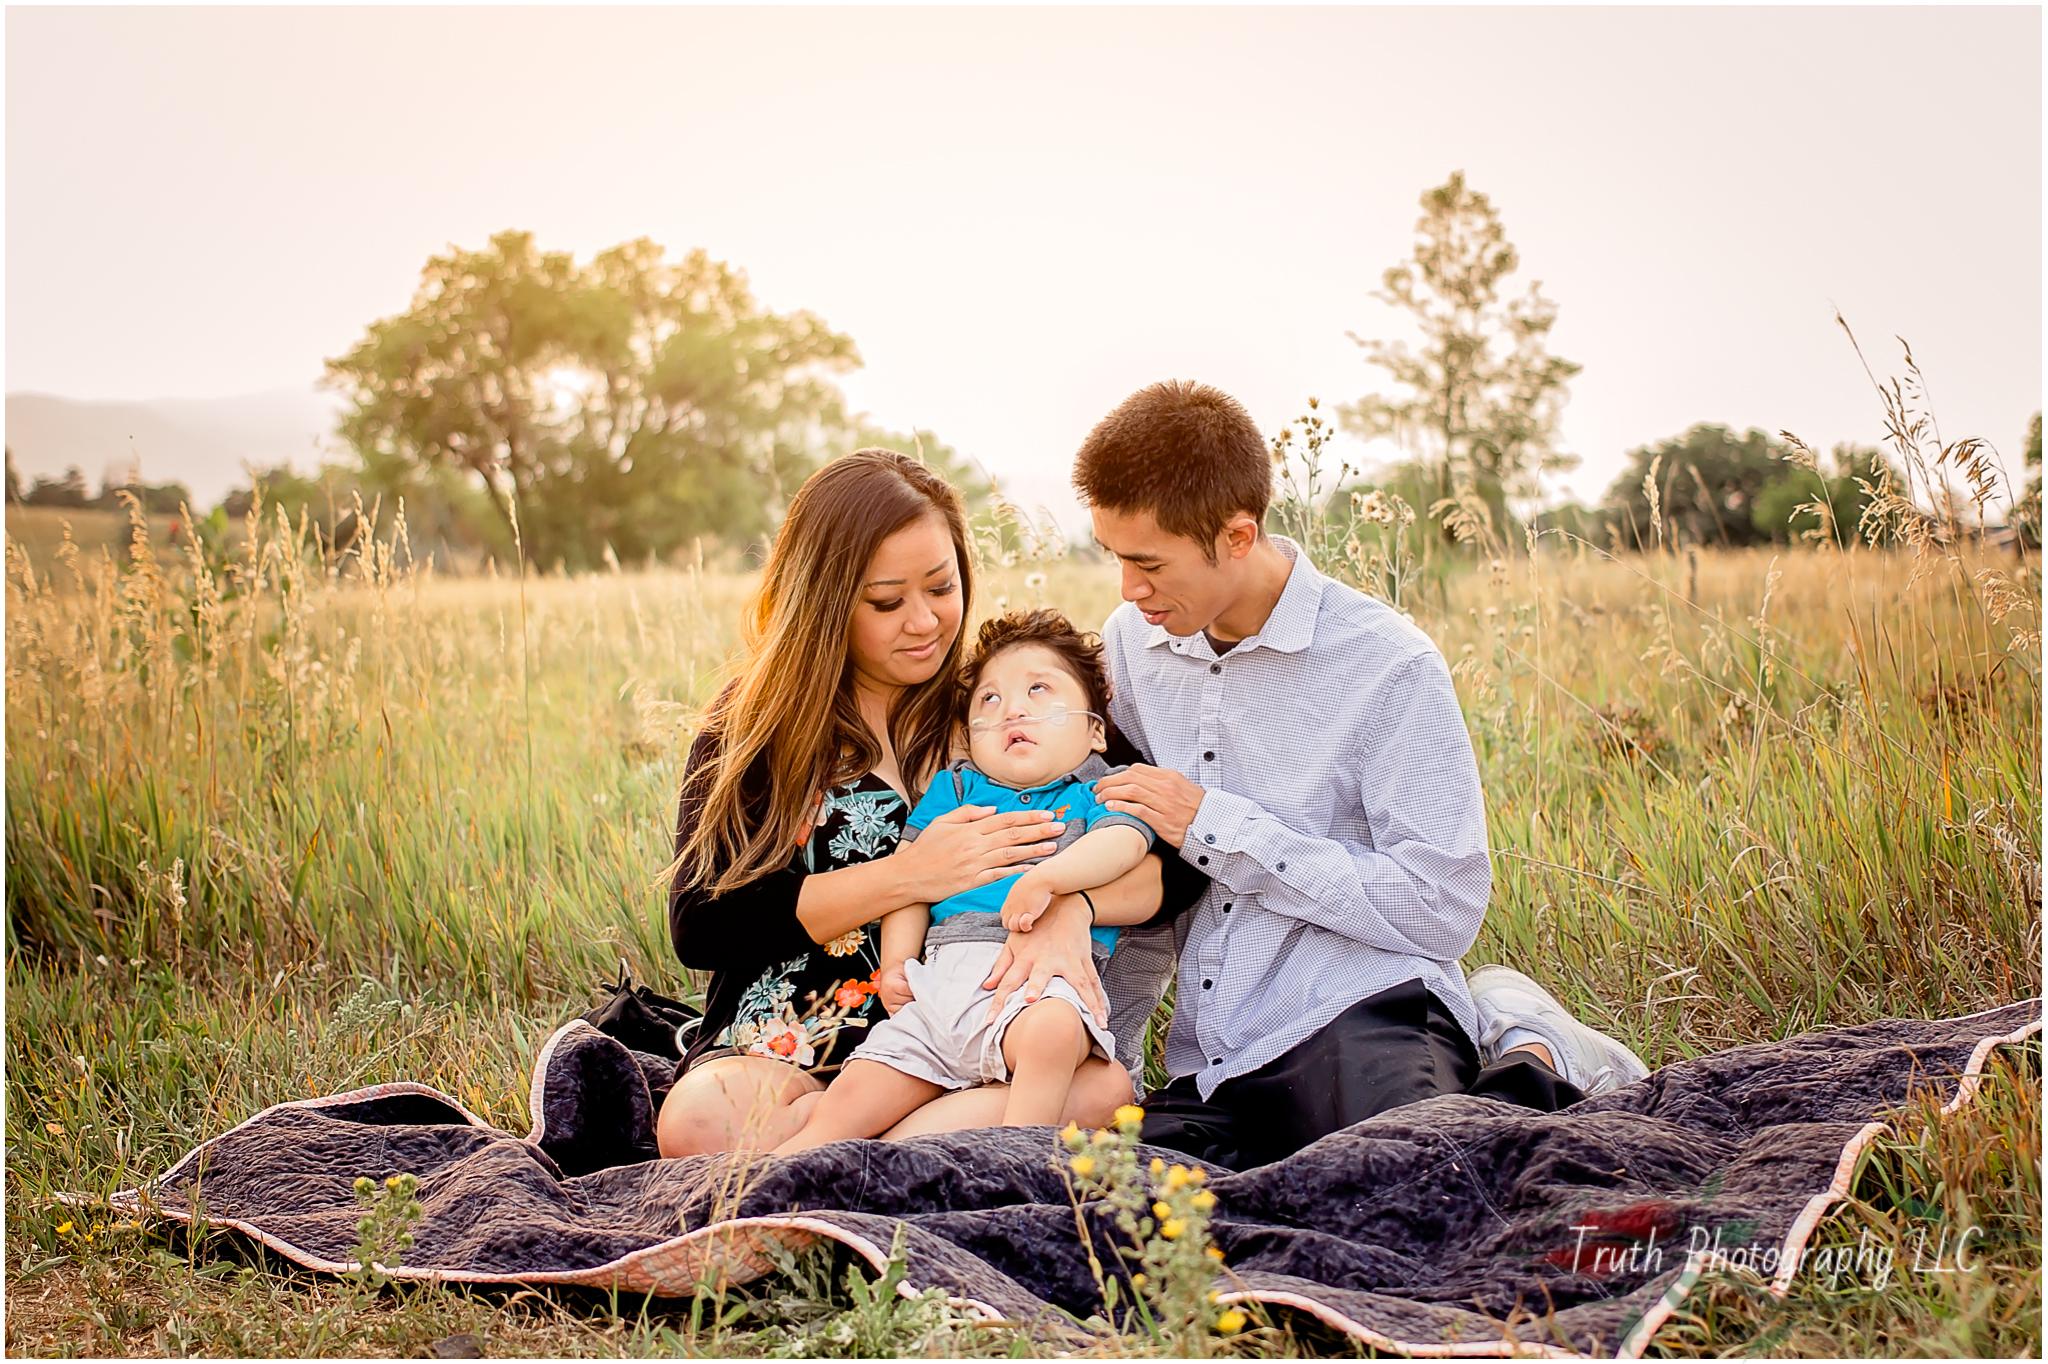 westminster-Co-family-photographer.jpg